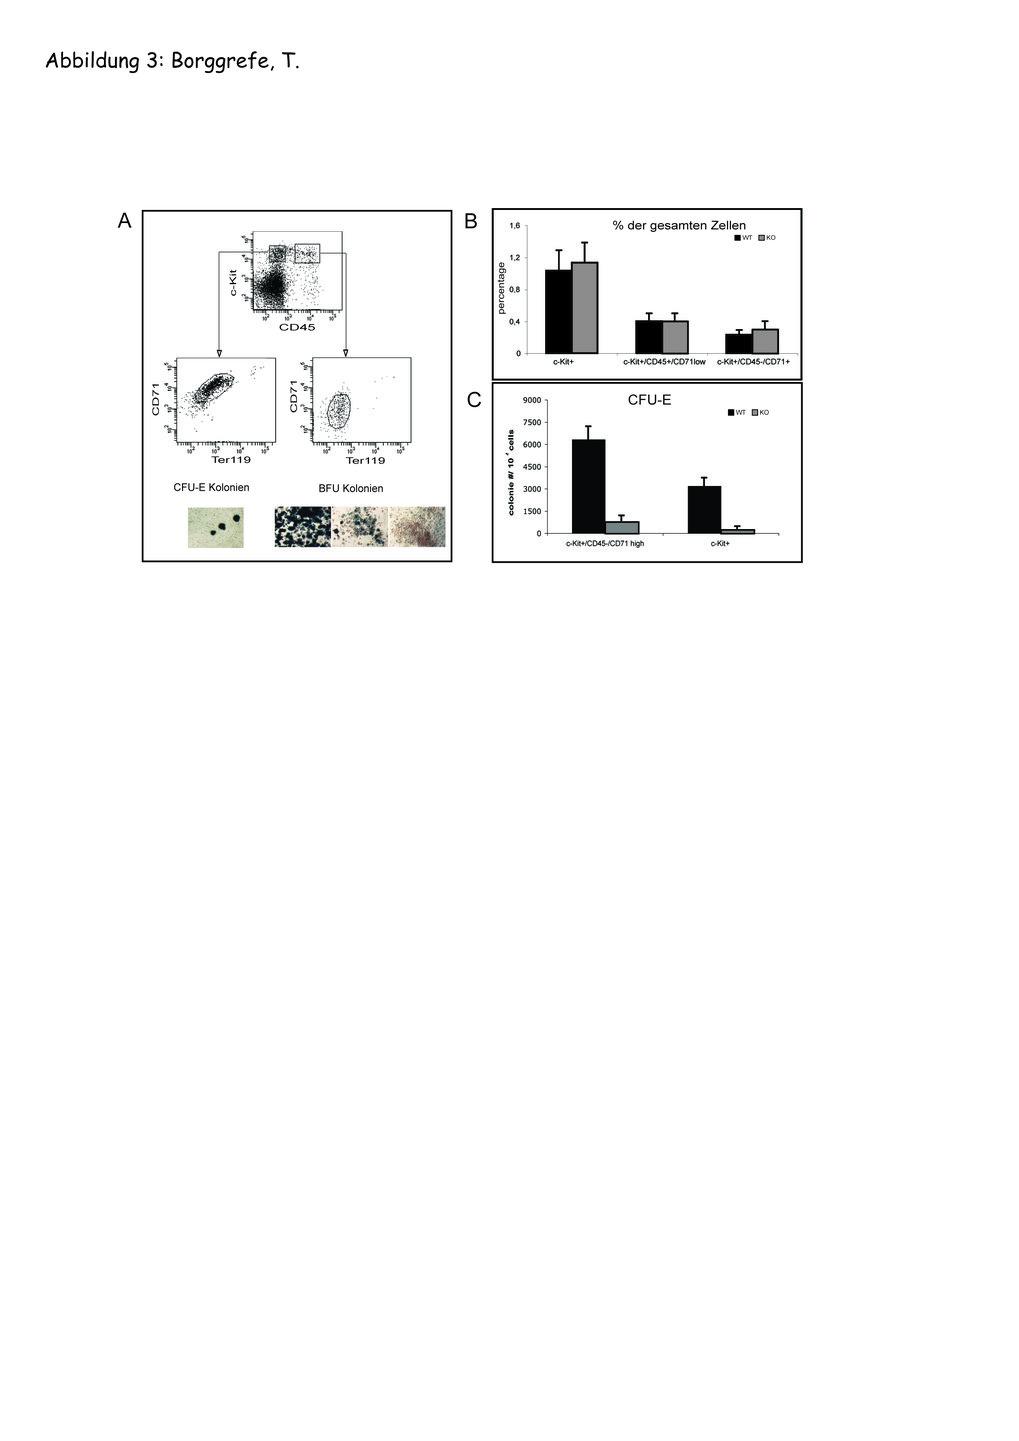 <b>Bildung von erythroiden Kolonien von Wildtyp- und Med1-defizienten Vorläuferzellen:</b> A) Vorläuferzellen wurden mit den Markern c-Kit, Ter-119 un